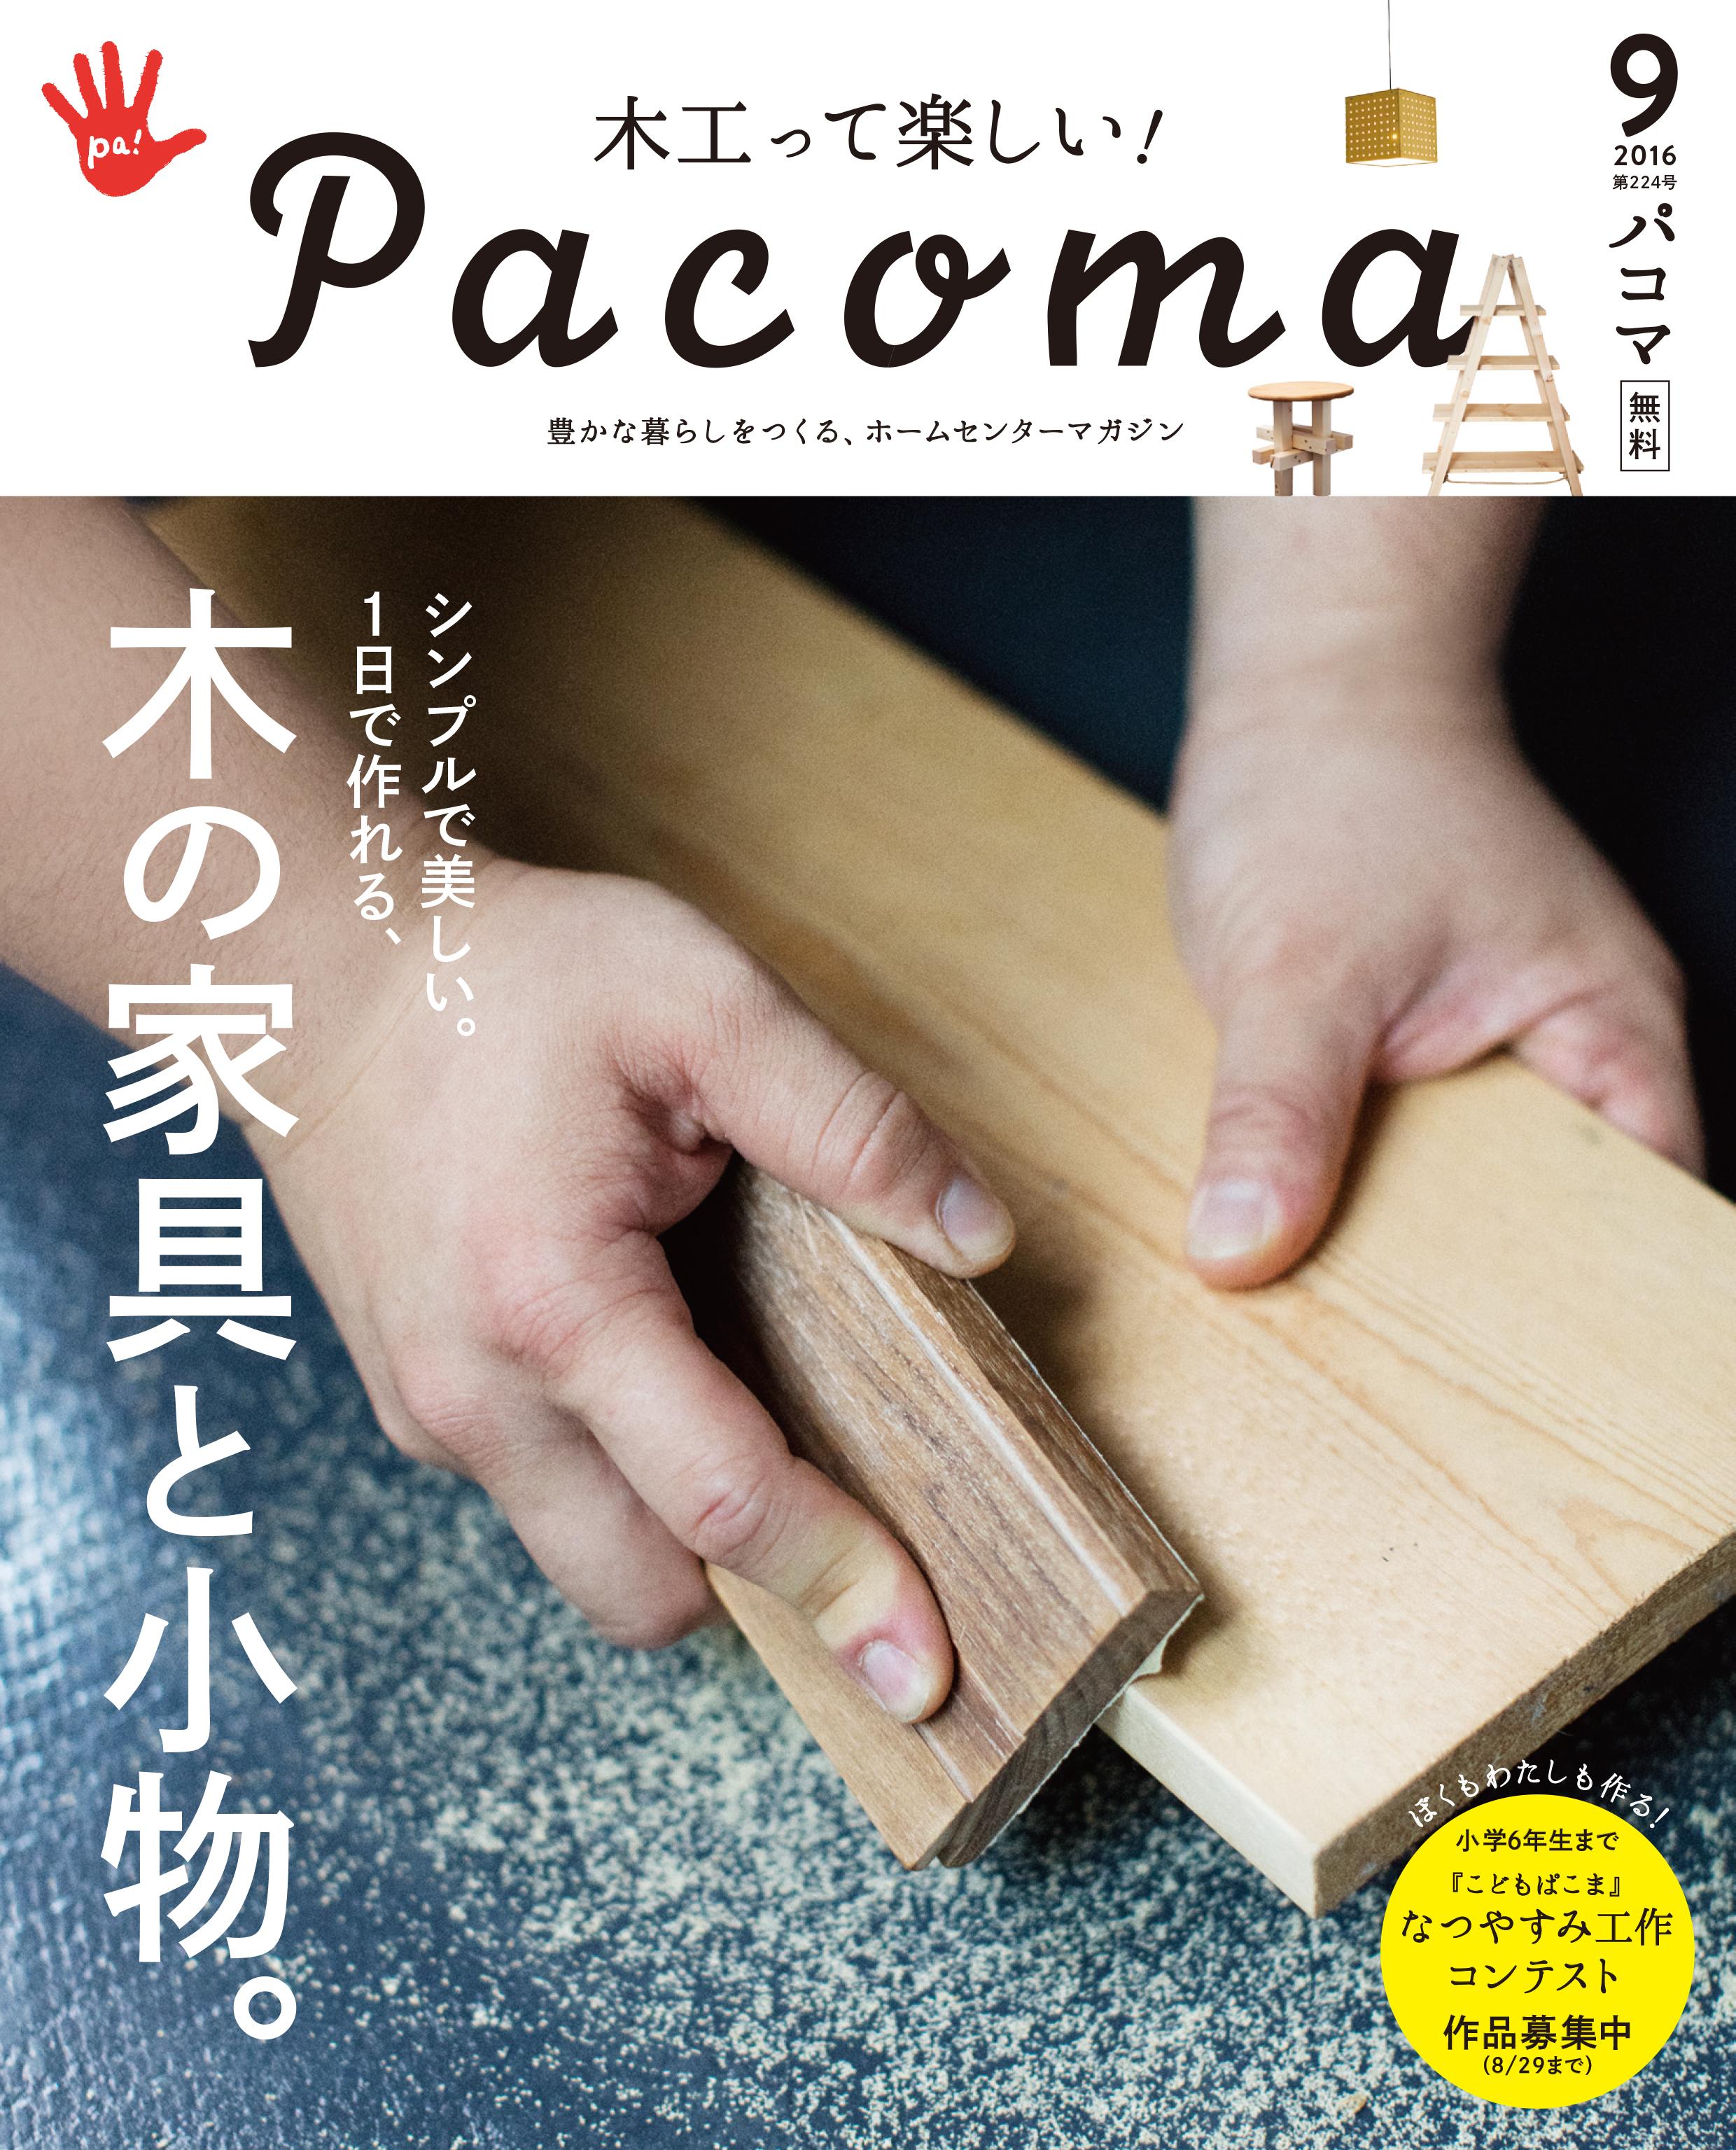 インテリアマイスター科卒業生の石川隆一(いしかわ・りゅういち)さんが、『Pacoma(パコマ)』224号にてご家庭で簡単に作れるDIYを紹介して下さいました!